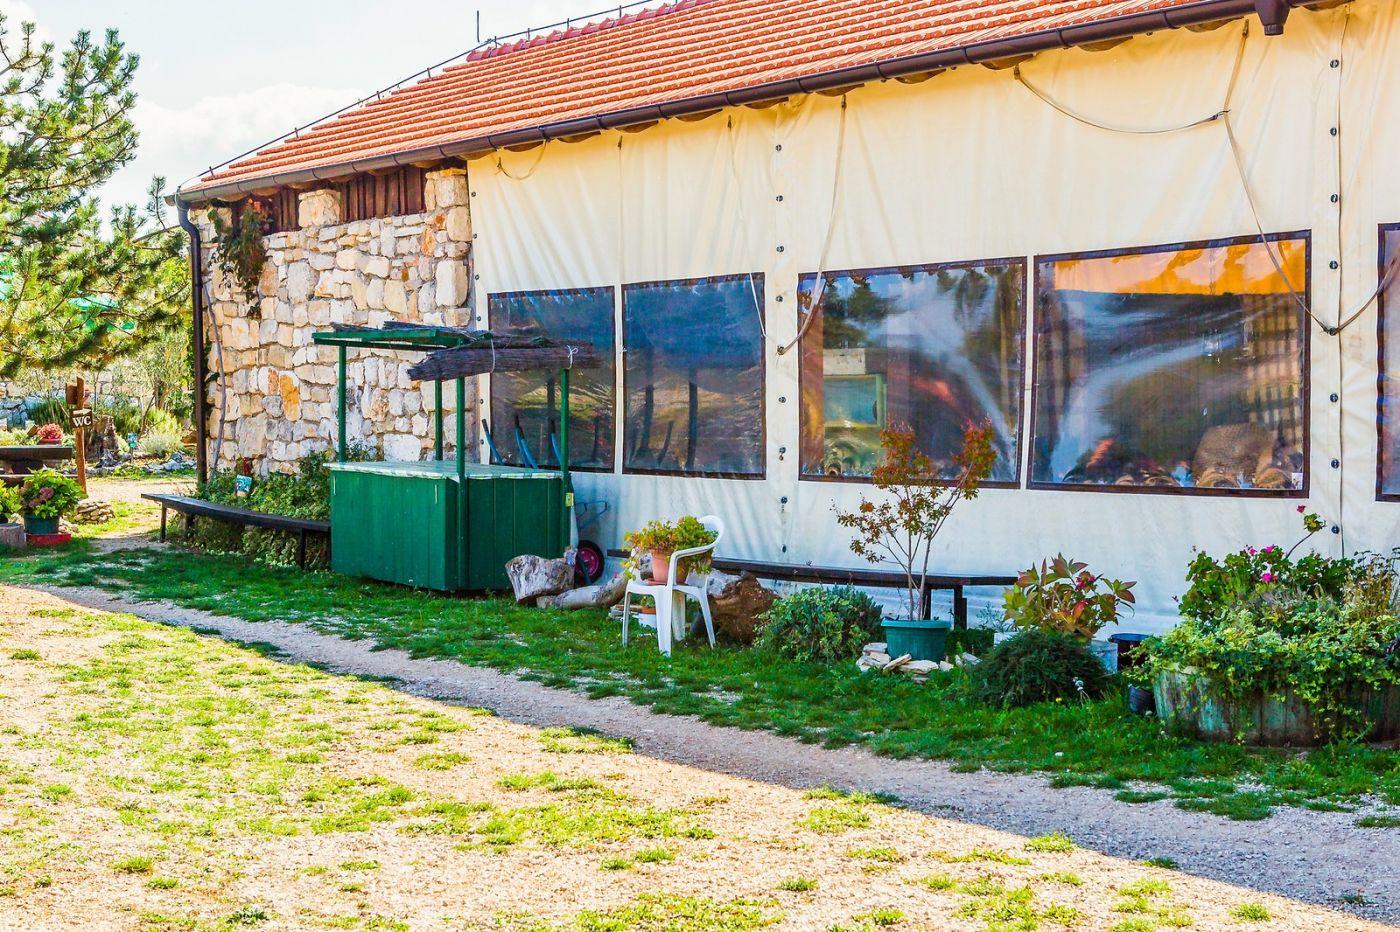 克罗地亚达尔马提亚村,独特的地域风貌_图1-11